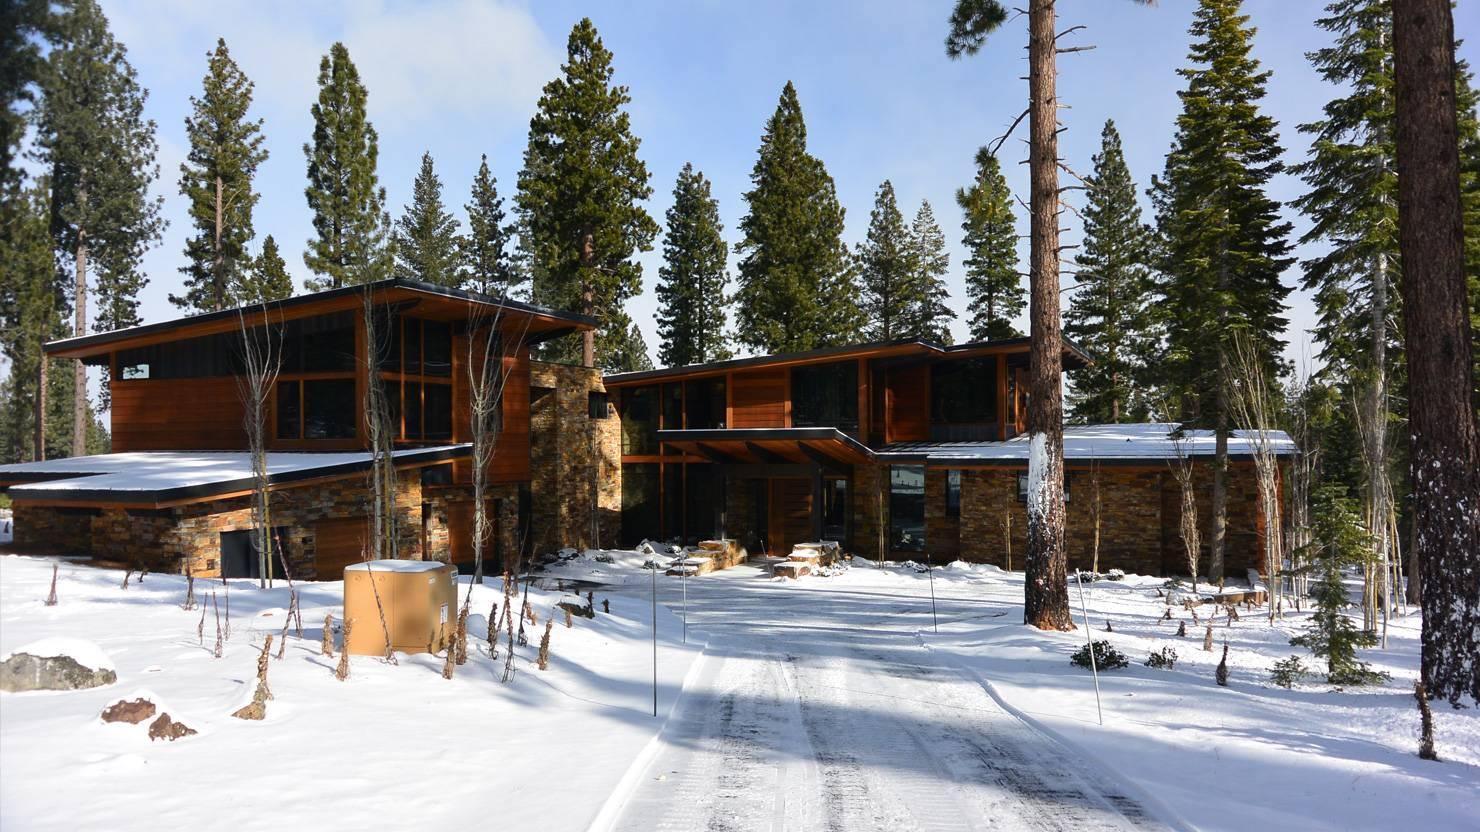 acciaio-zincato-serramenti-ward-young-architects-villa-montagne-california-4_project_big